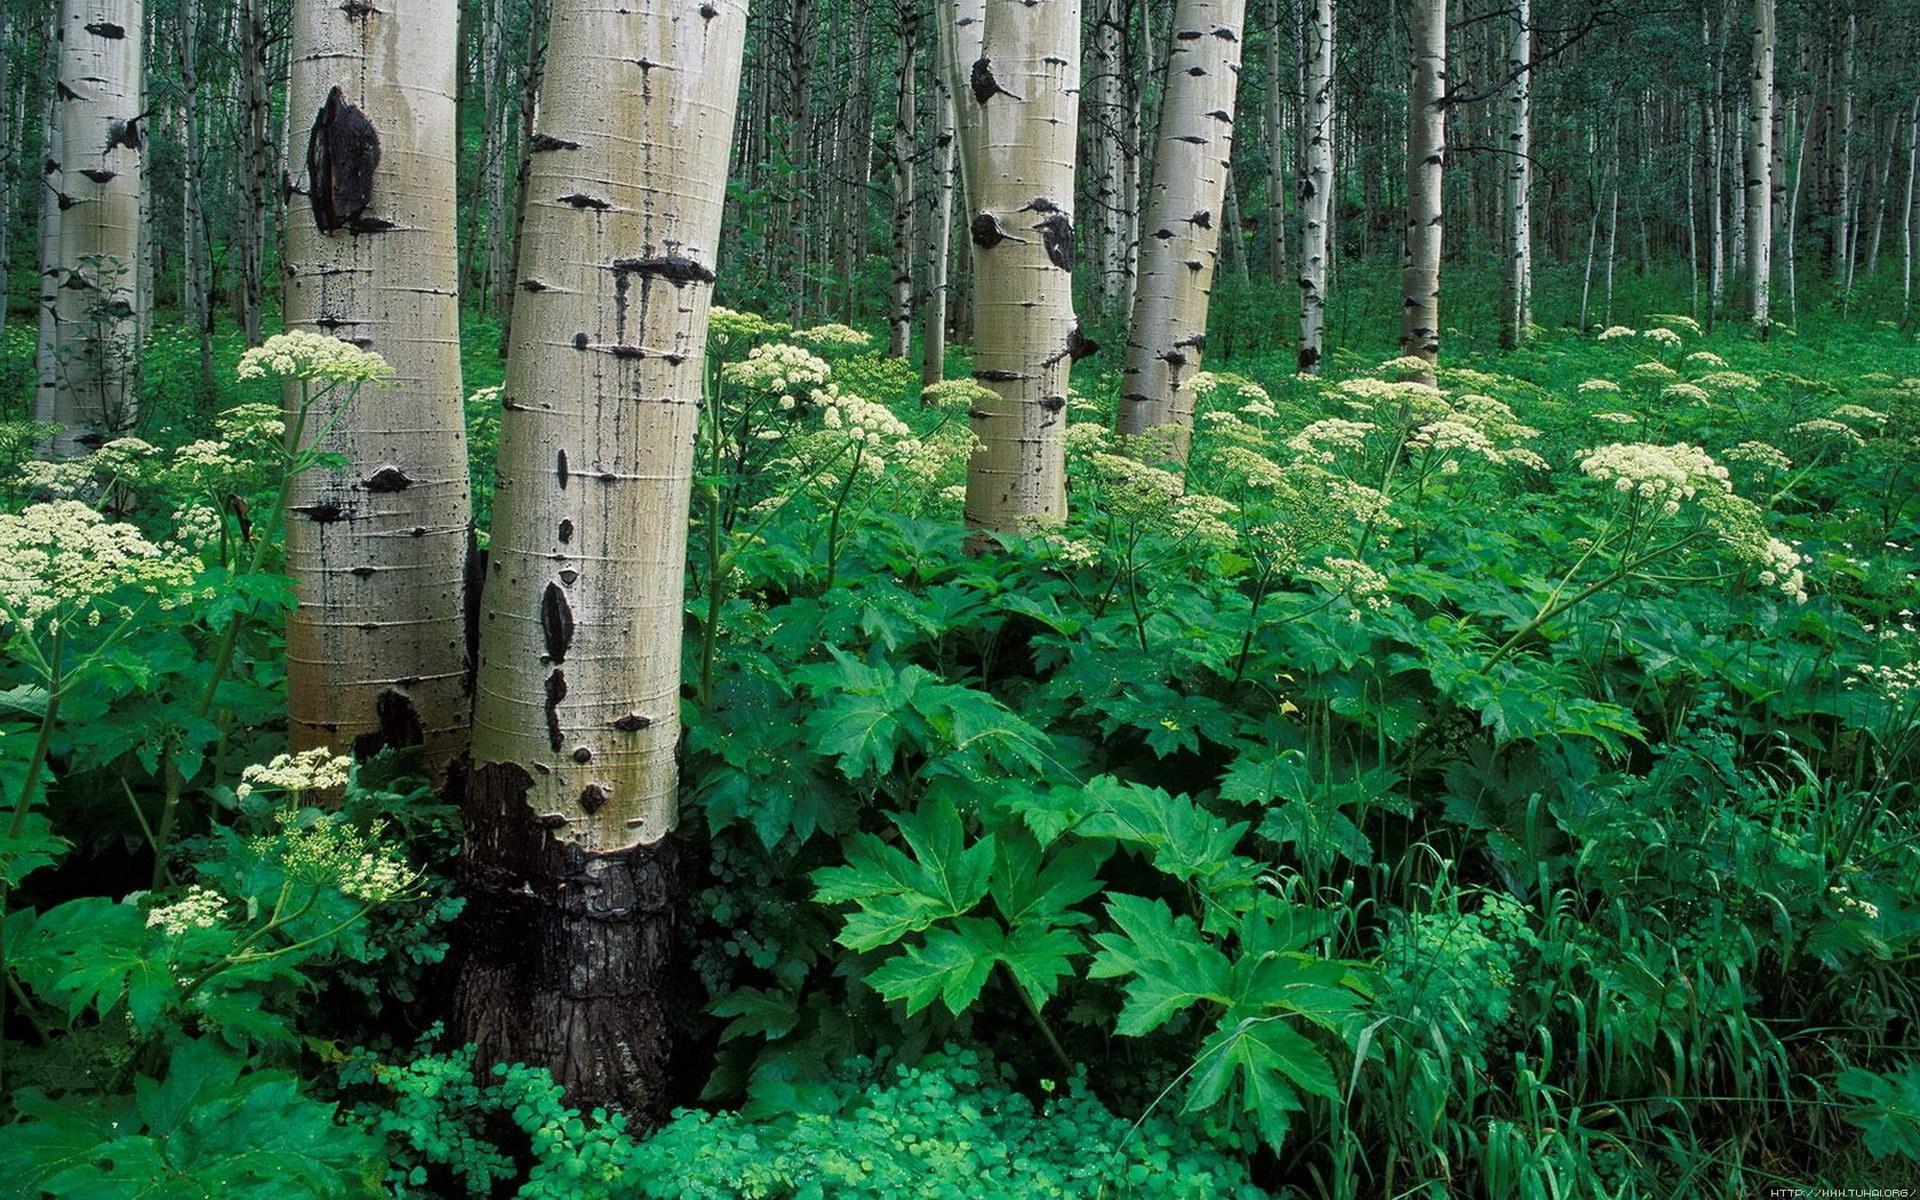 宽屏摄影风景234-树林(1920x1200)壁纸 - 桌面壁纸